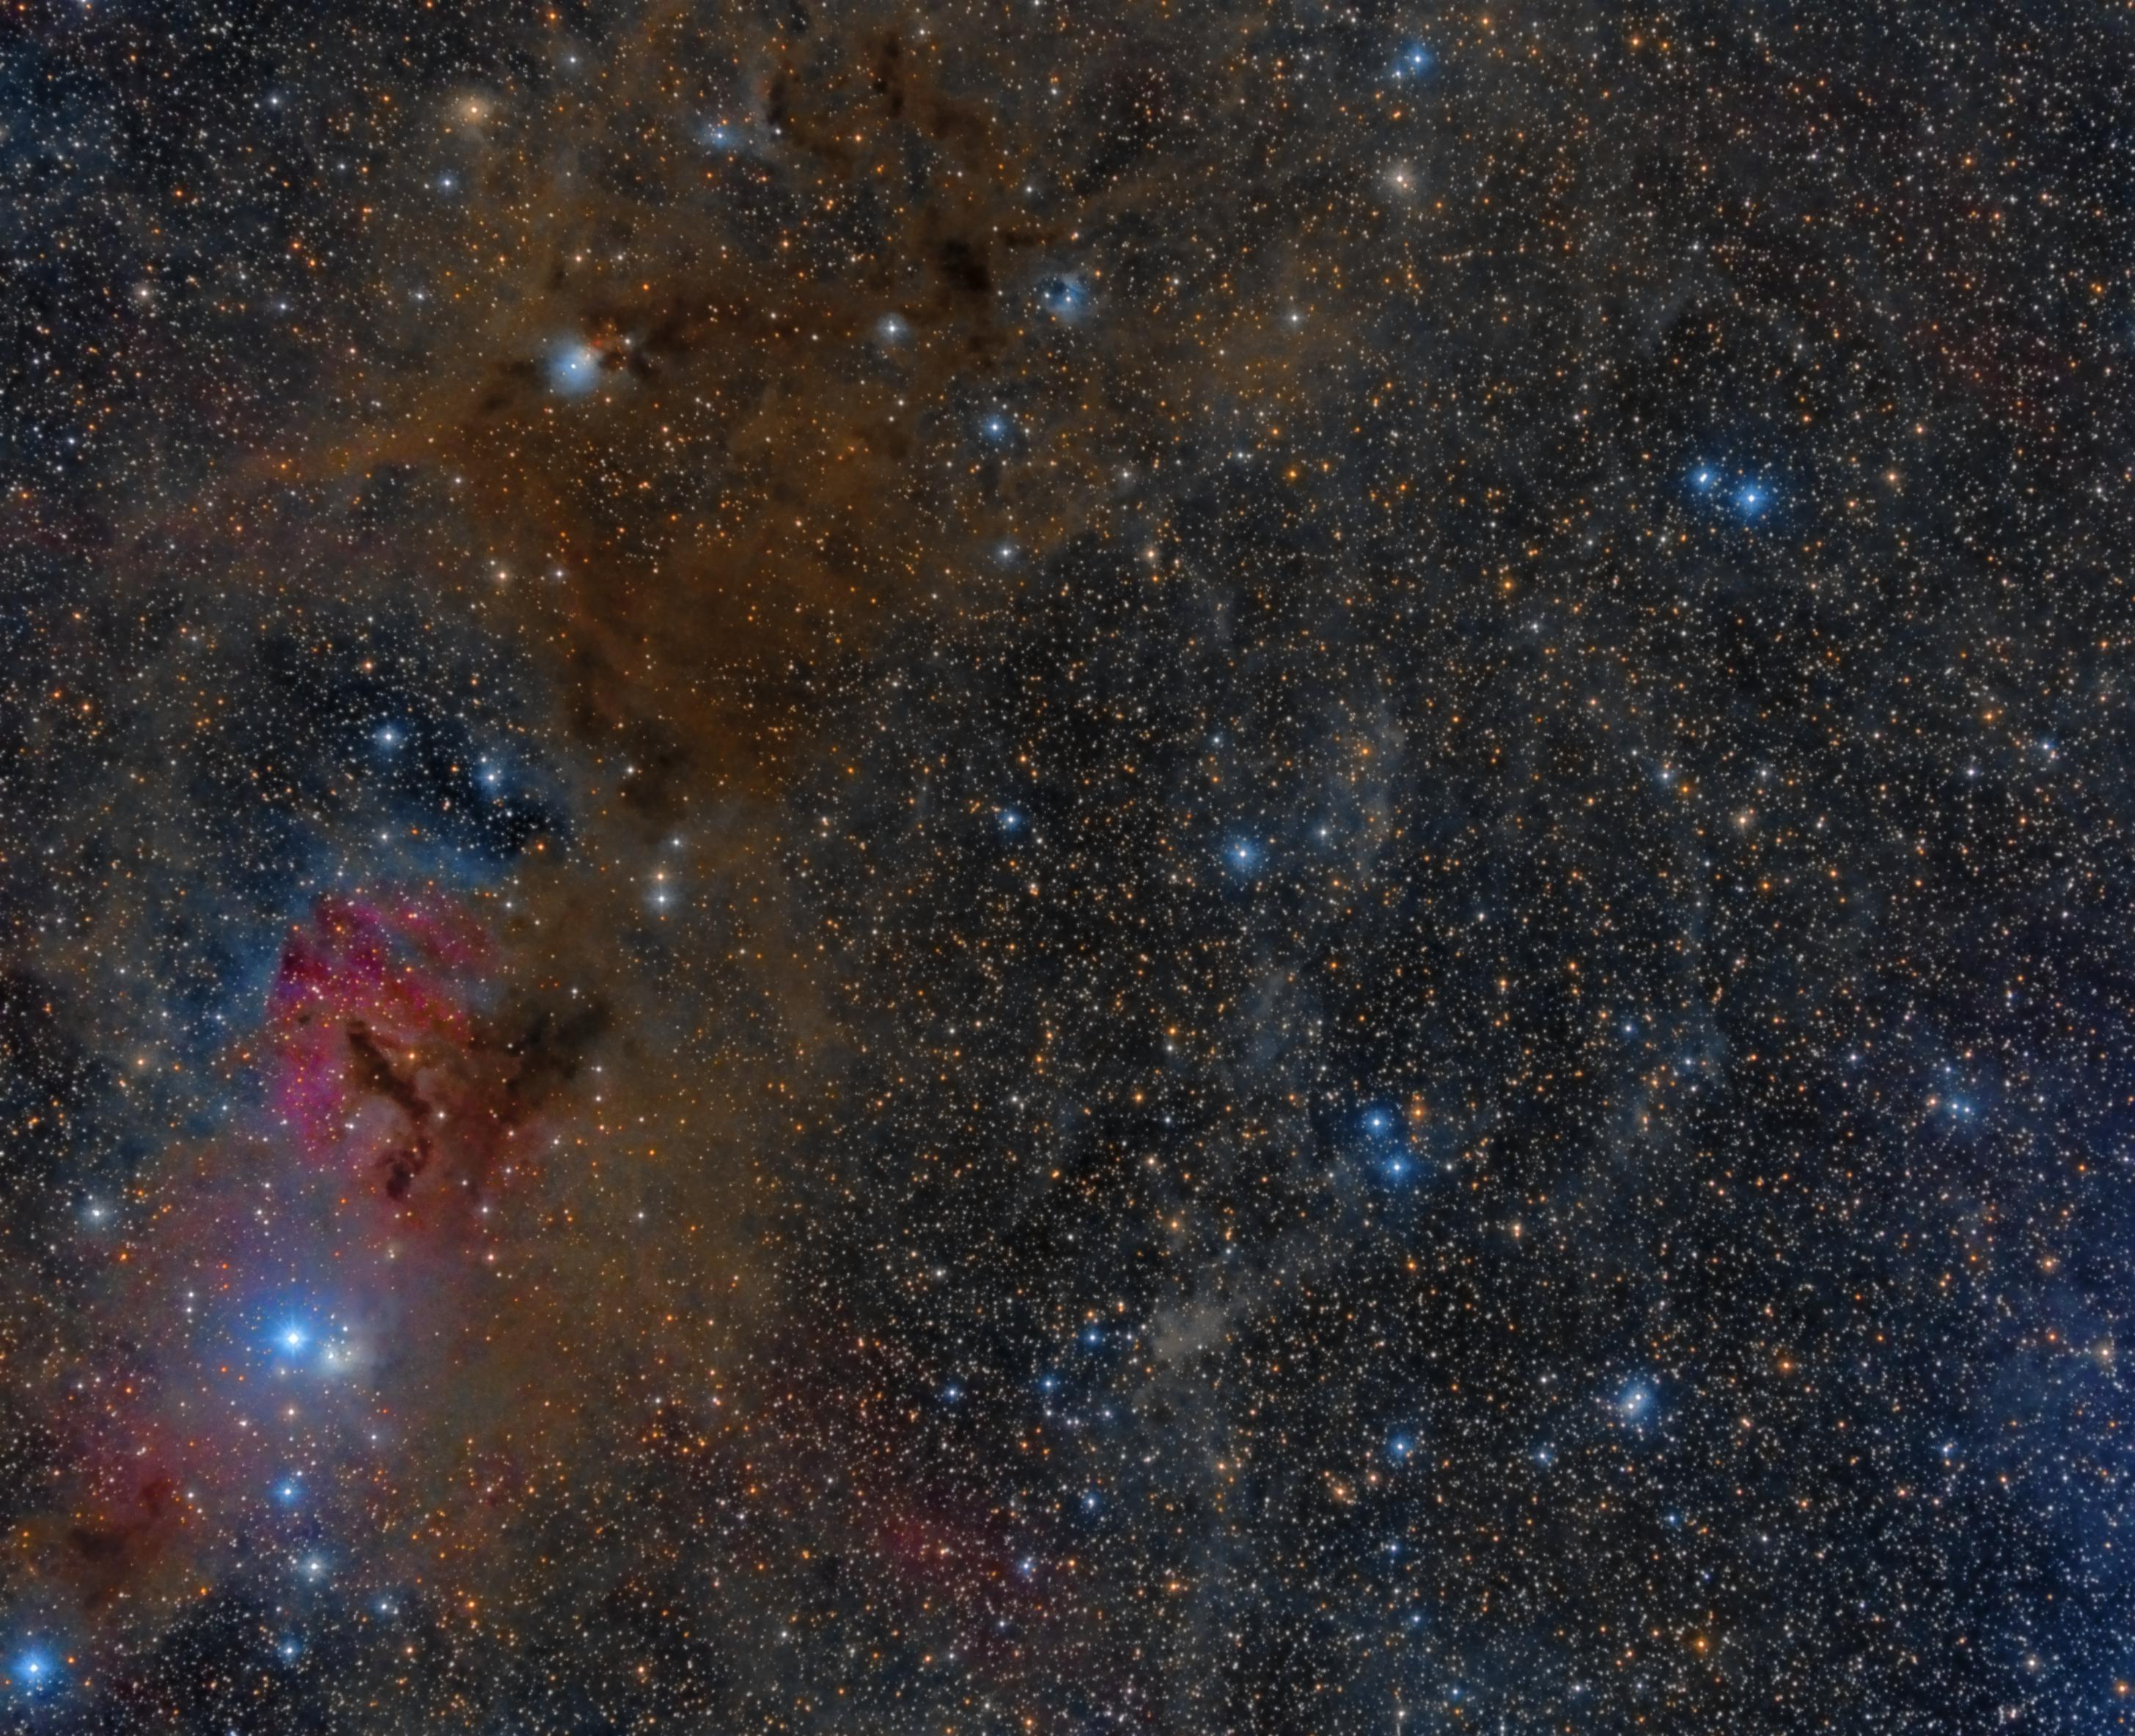 NGC 1333 - IC 348